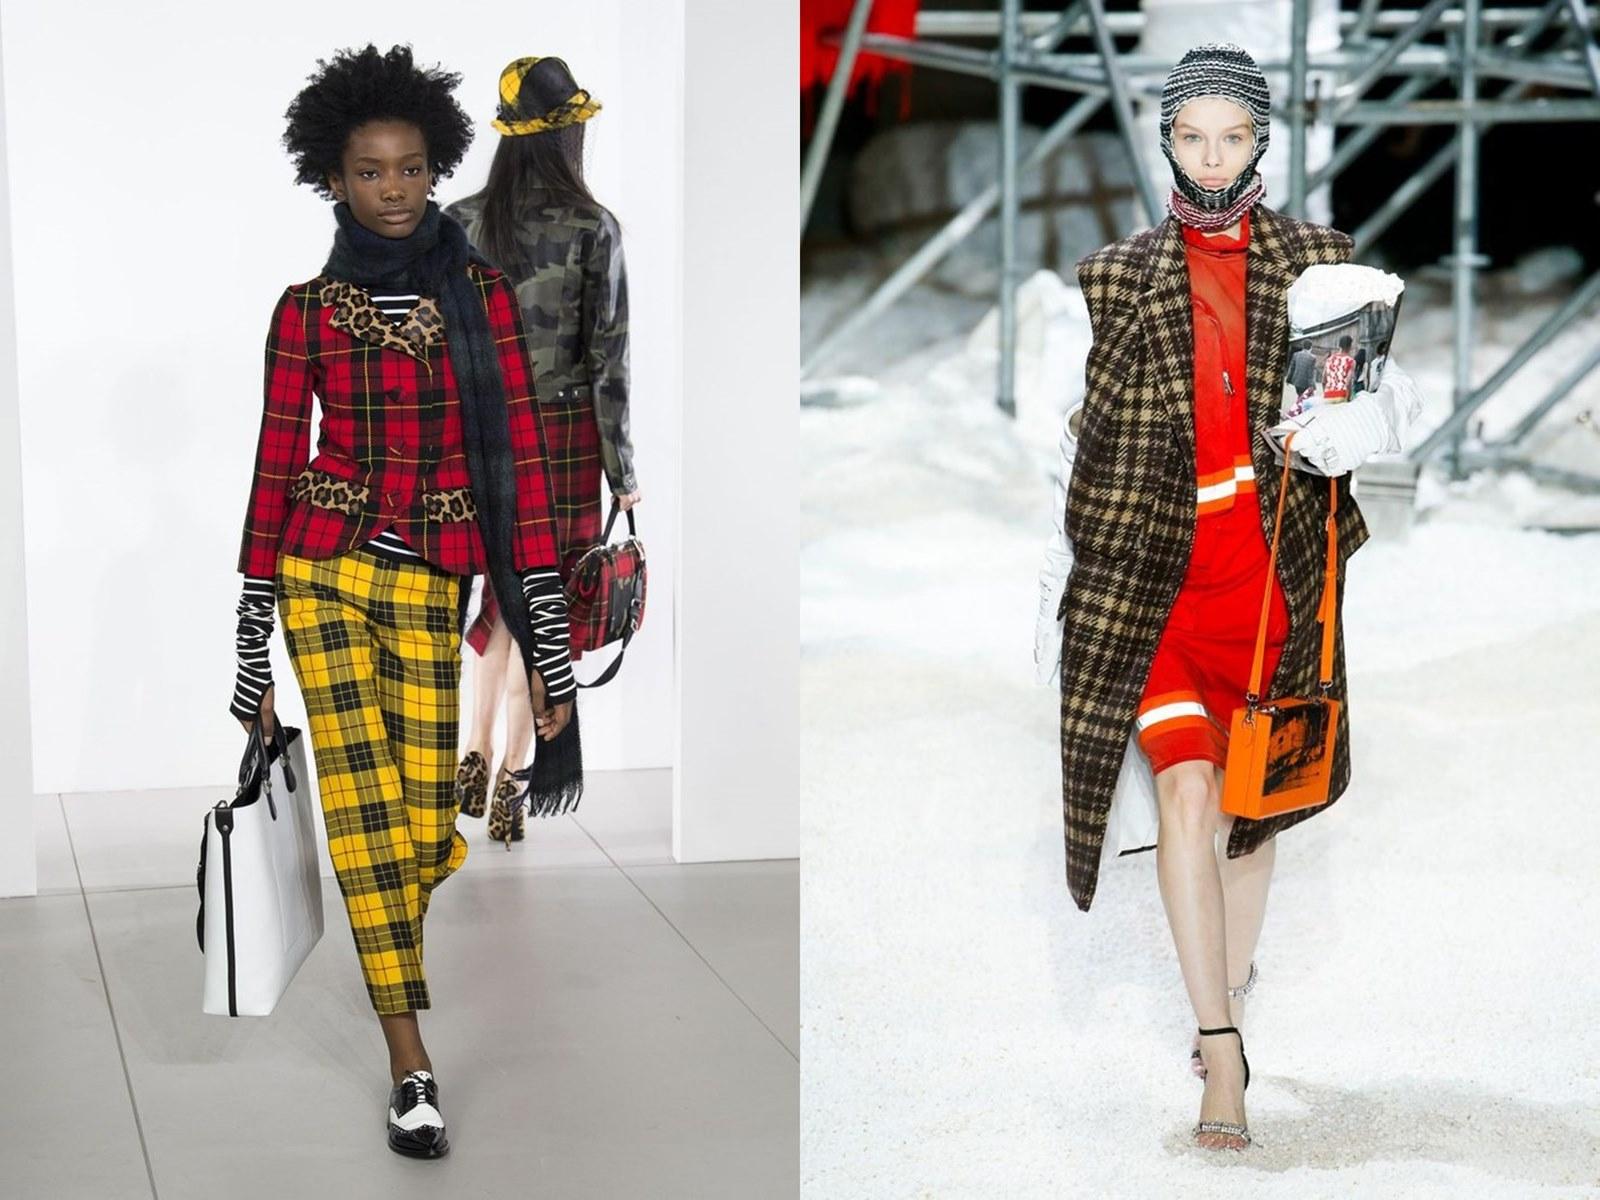 Co będzie w modzie na sezon jesień/zima 2018.2019? Trendy jesień zima 2018, zima 2018, jesień 2018, moda na jesień, moda na zimę, skóra, plastik, krata, kwiaty, zwierzęce wzory, panterka, srebro, neonowe kolory, moda na cebulkę, peleryny, narzuty, logo, logomania